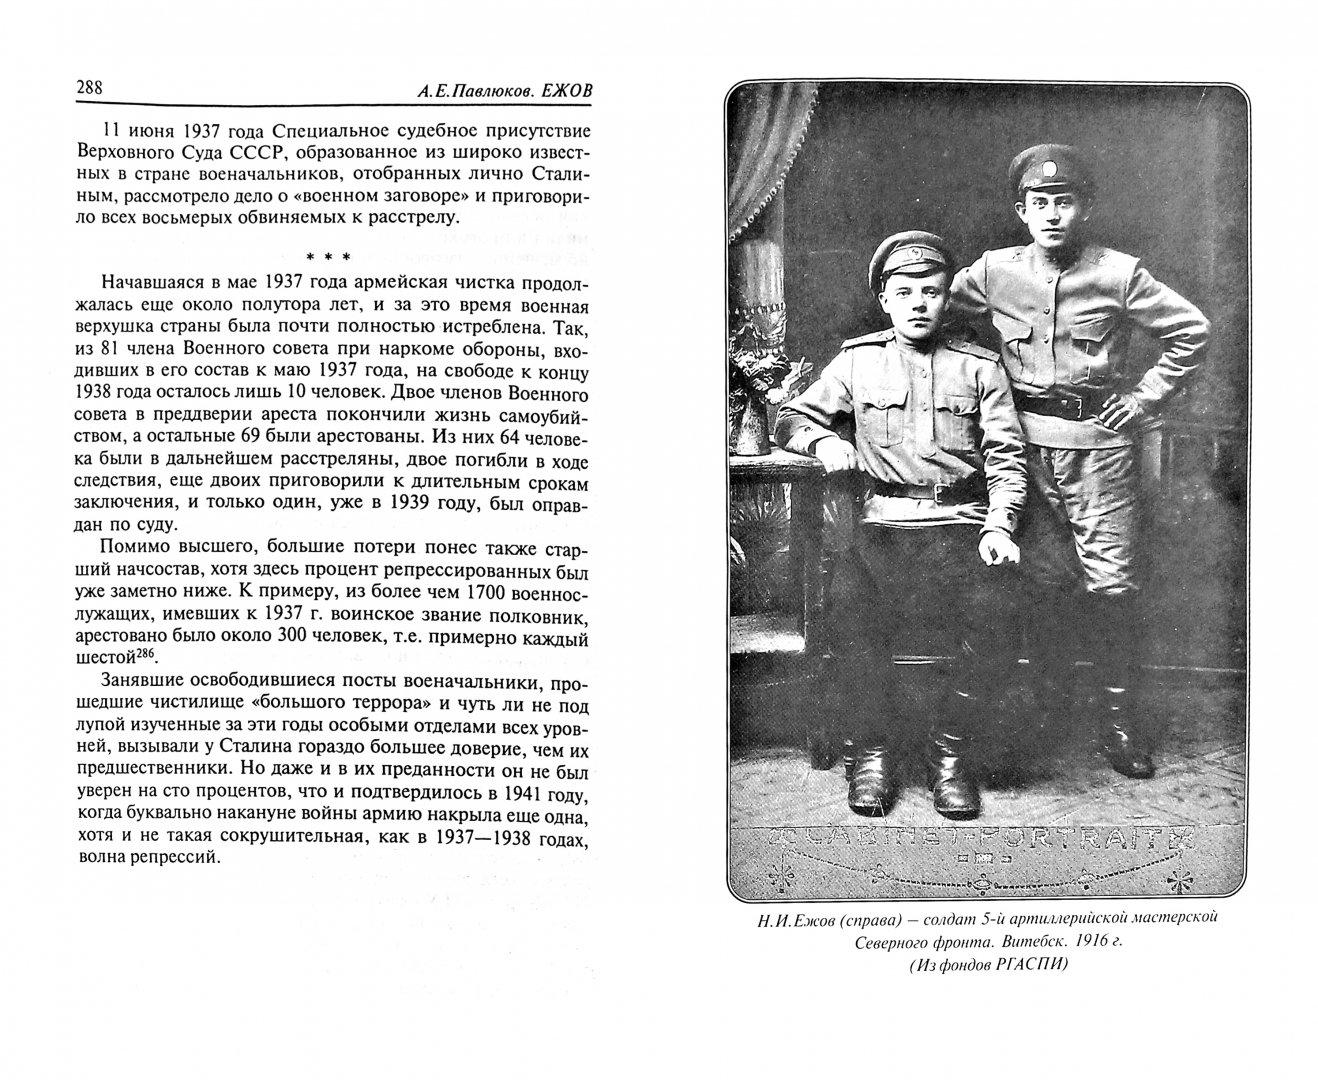 Иллюстрация 1 из 28 для Ежов. Биография - Алексей Павлюков   Лабиринт - книги. Источник: Лабиринт